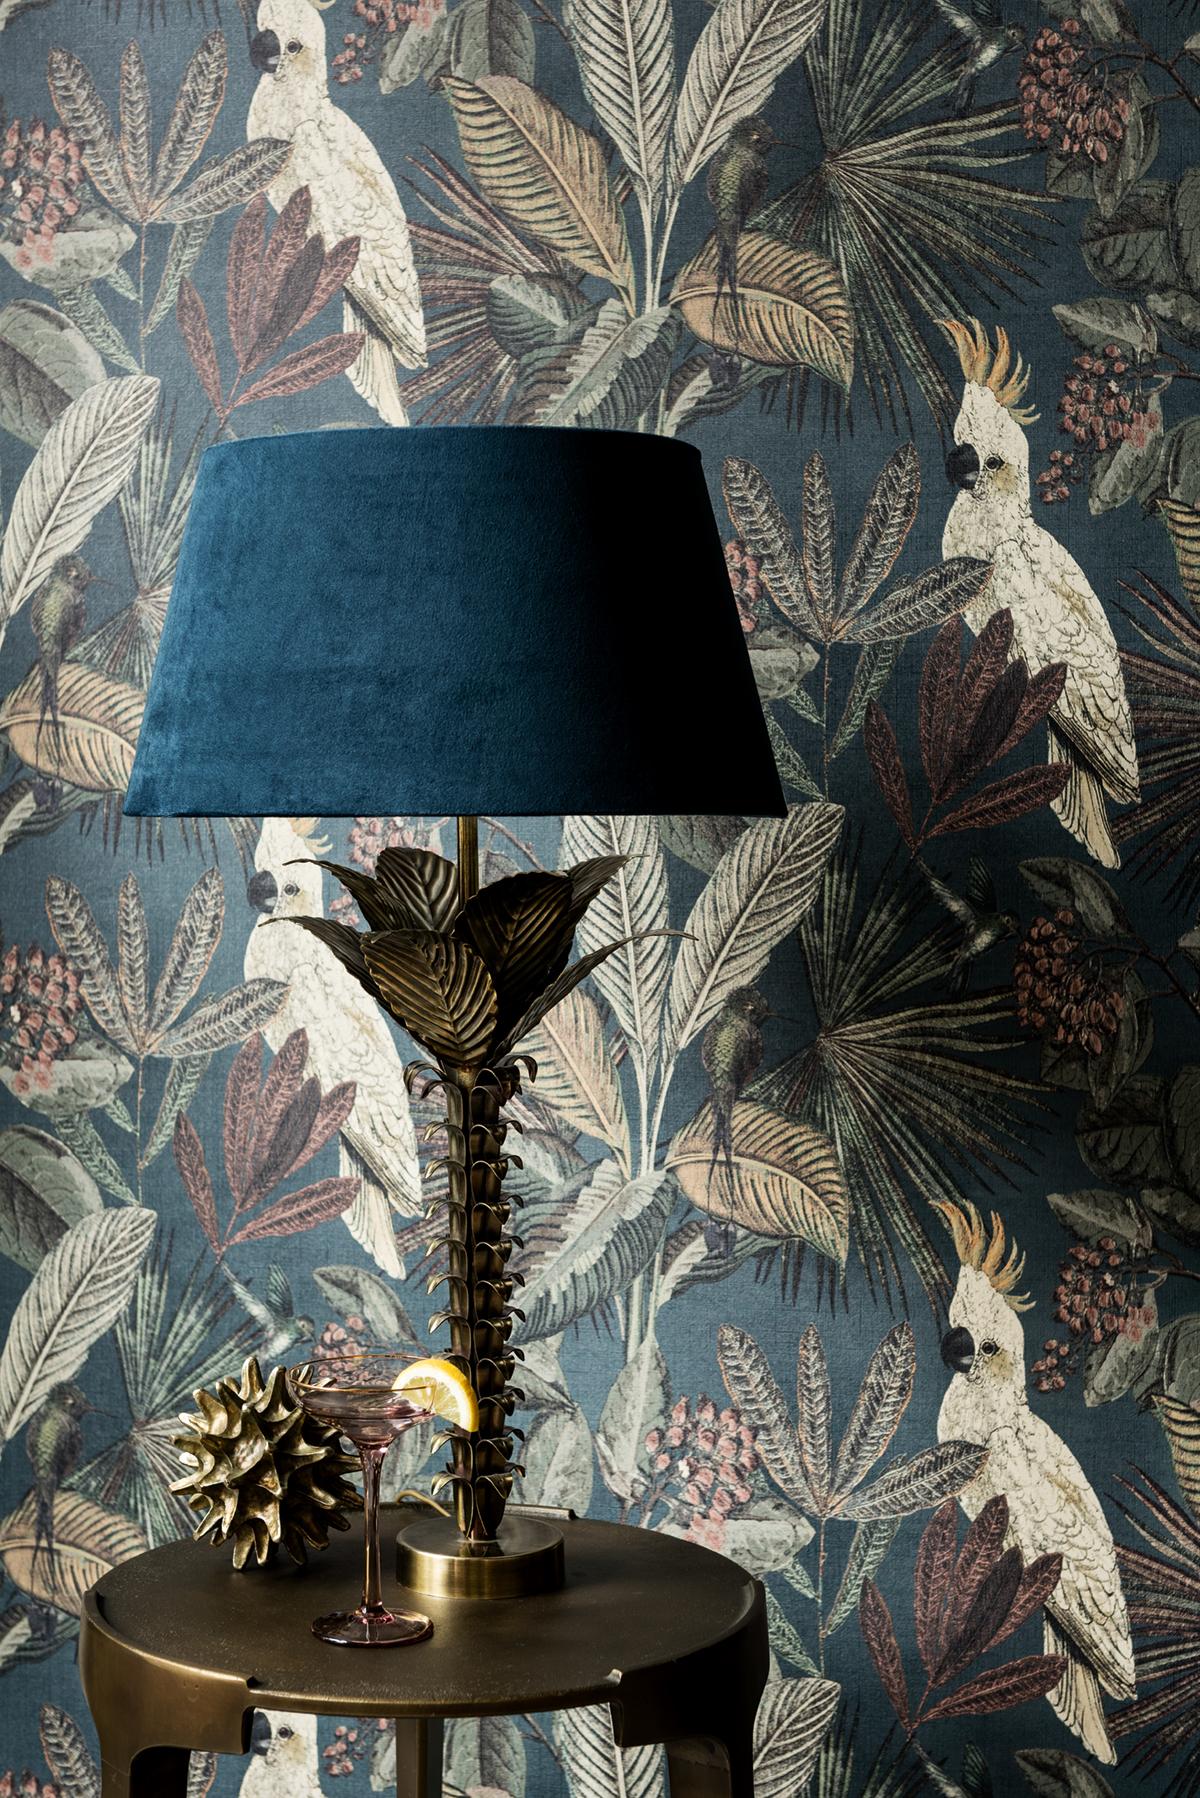 Papier peint Oiseaux tropicaux canard - Savana de Lutèce AMB | Réf. LTC-SAV124